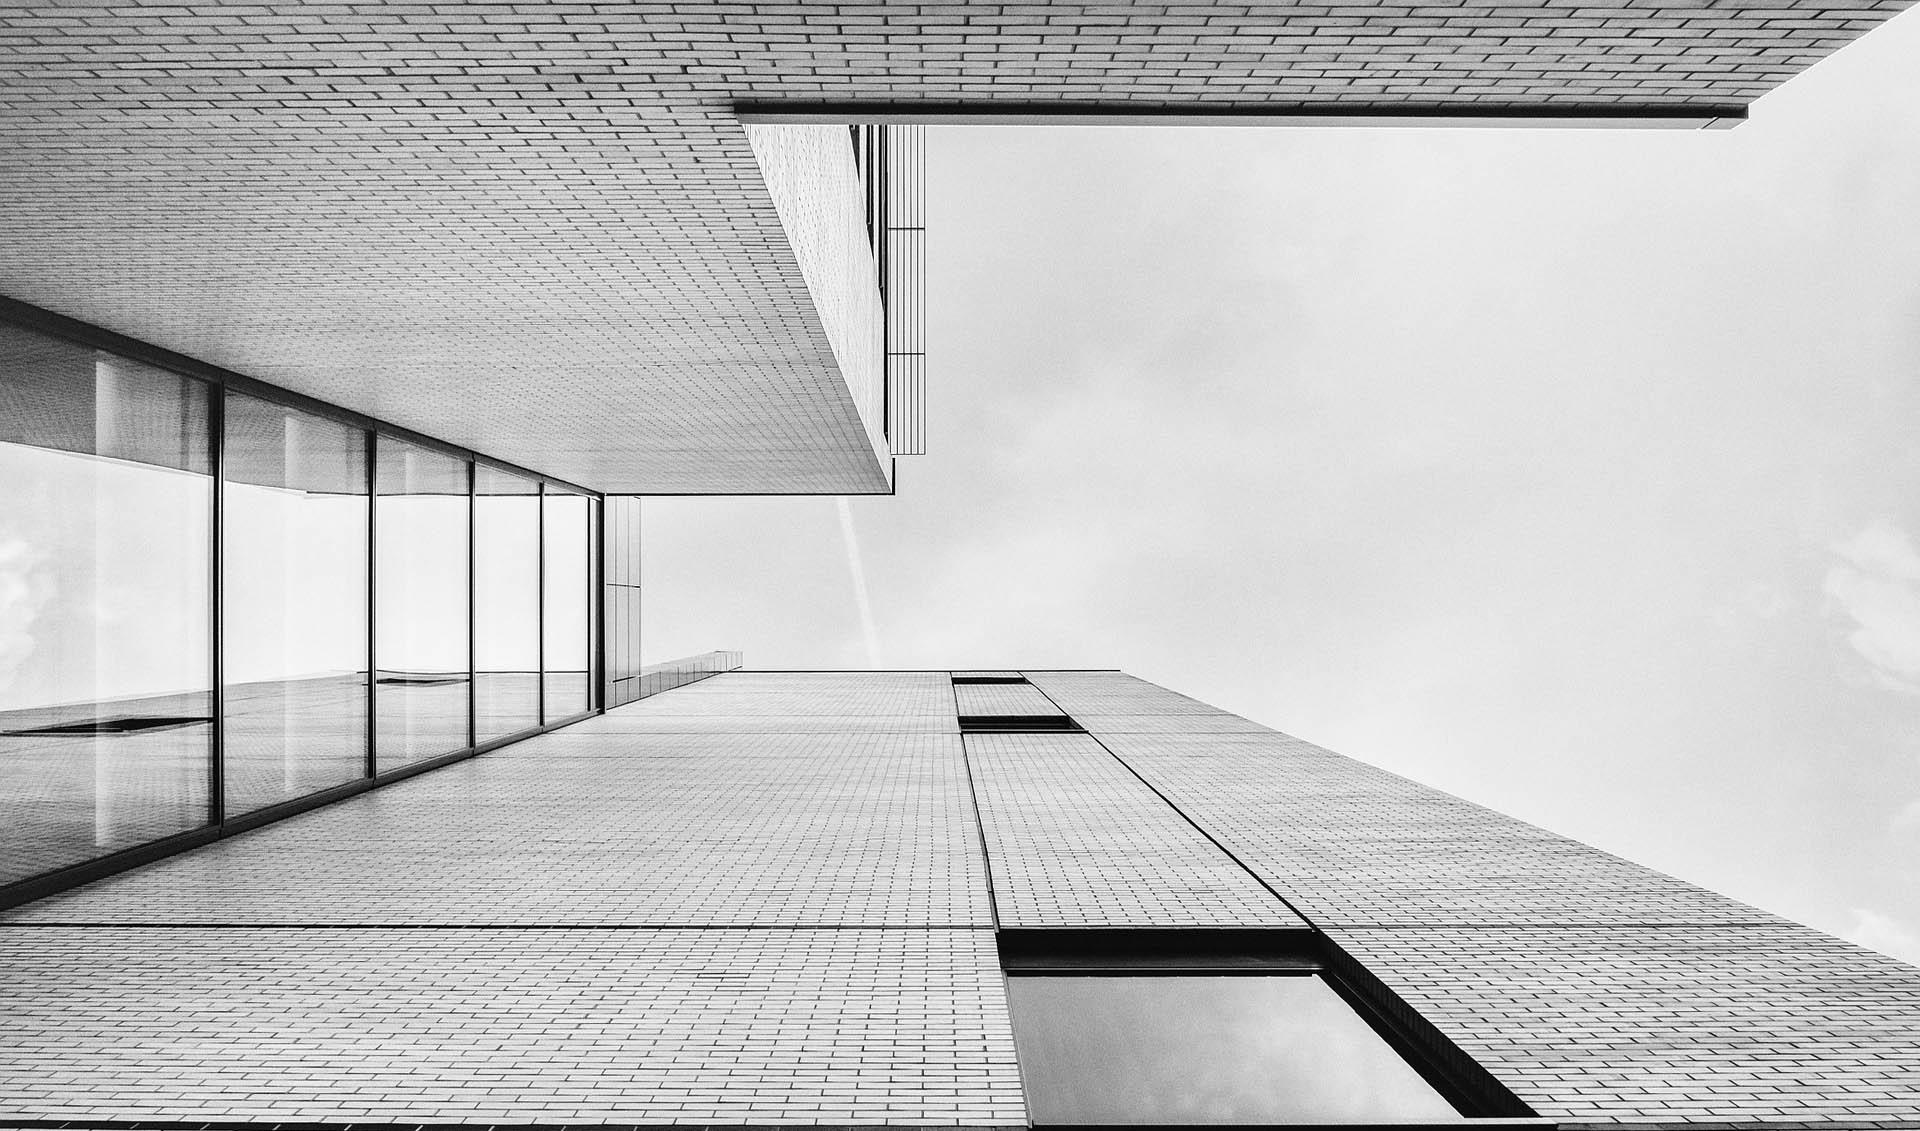 Černo-bíla fotka budovy